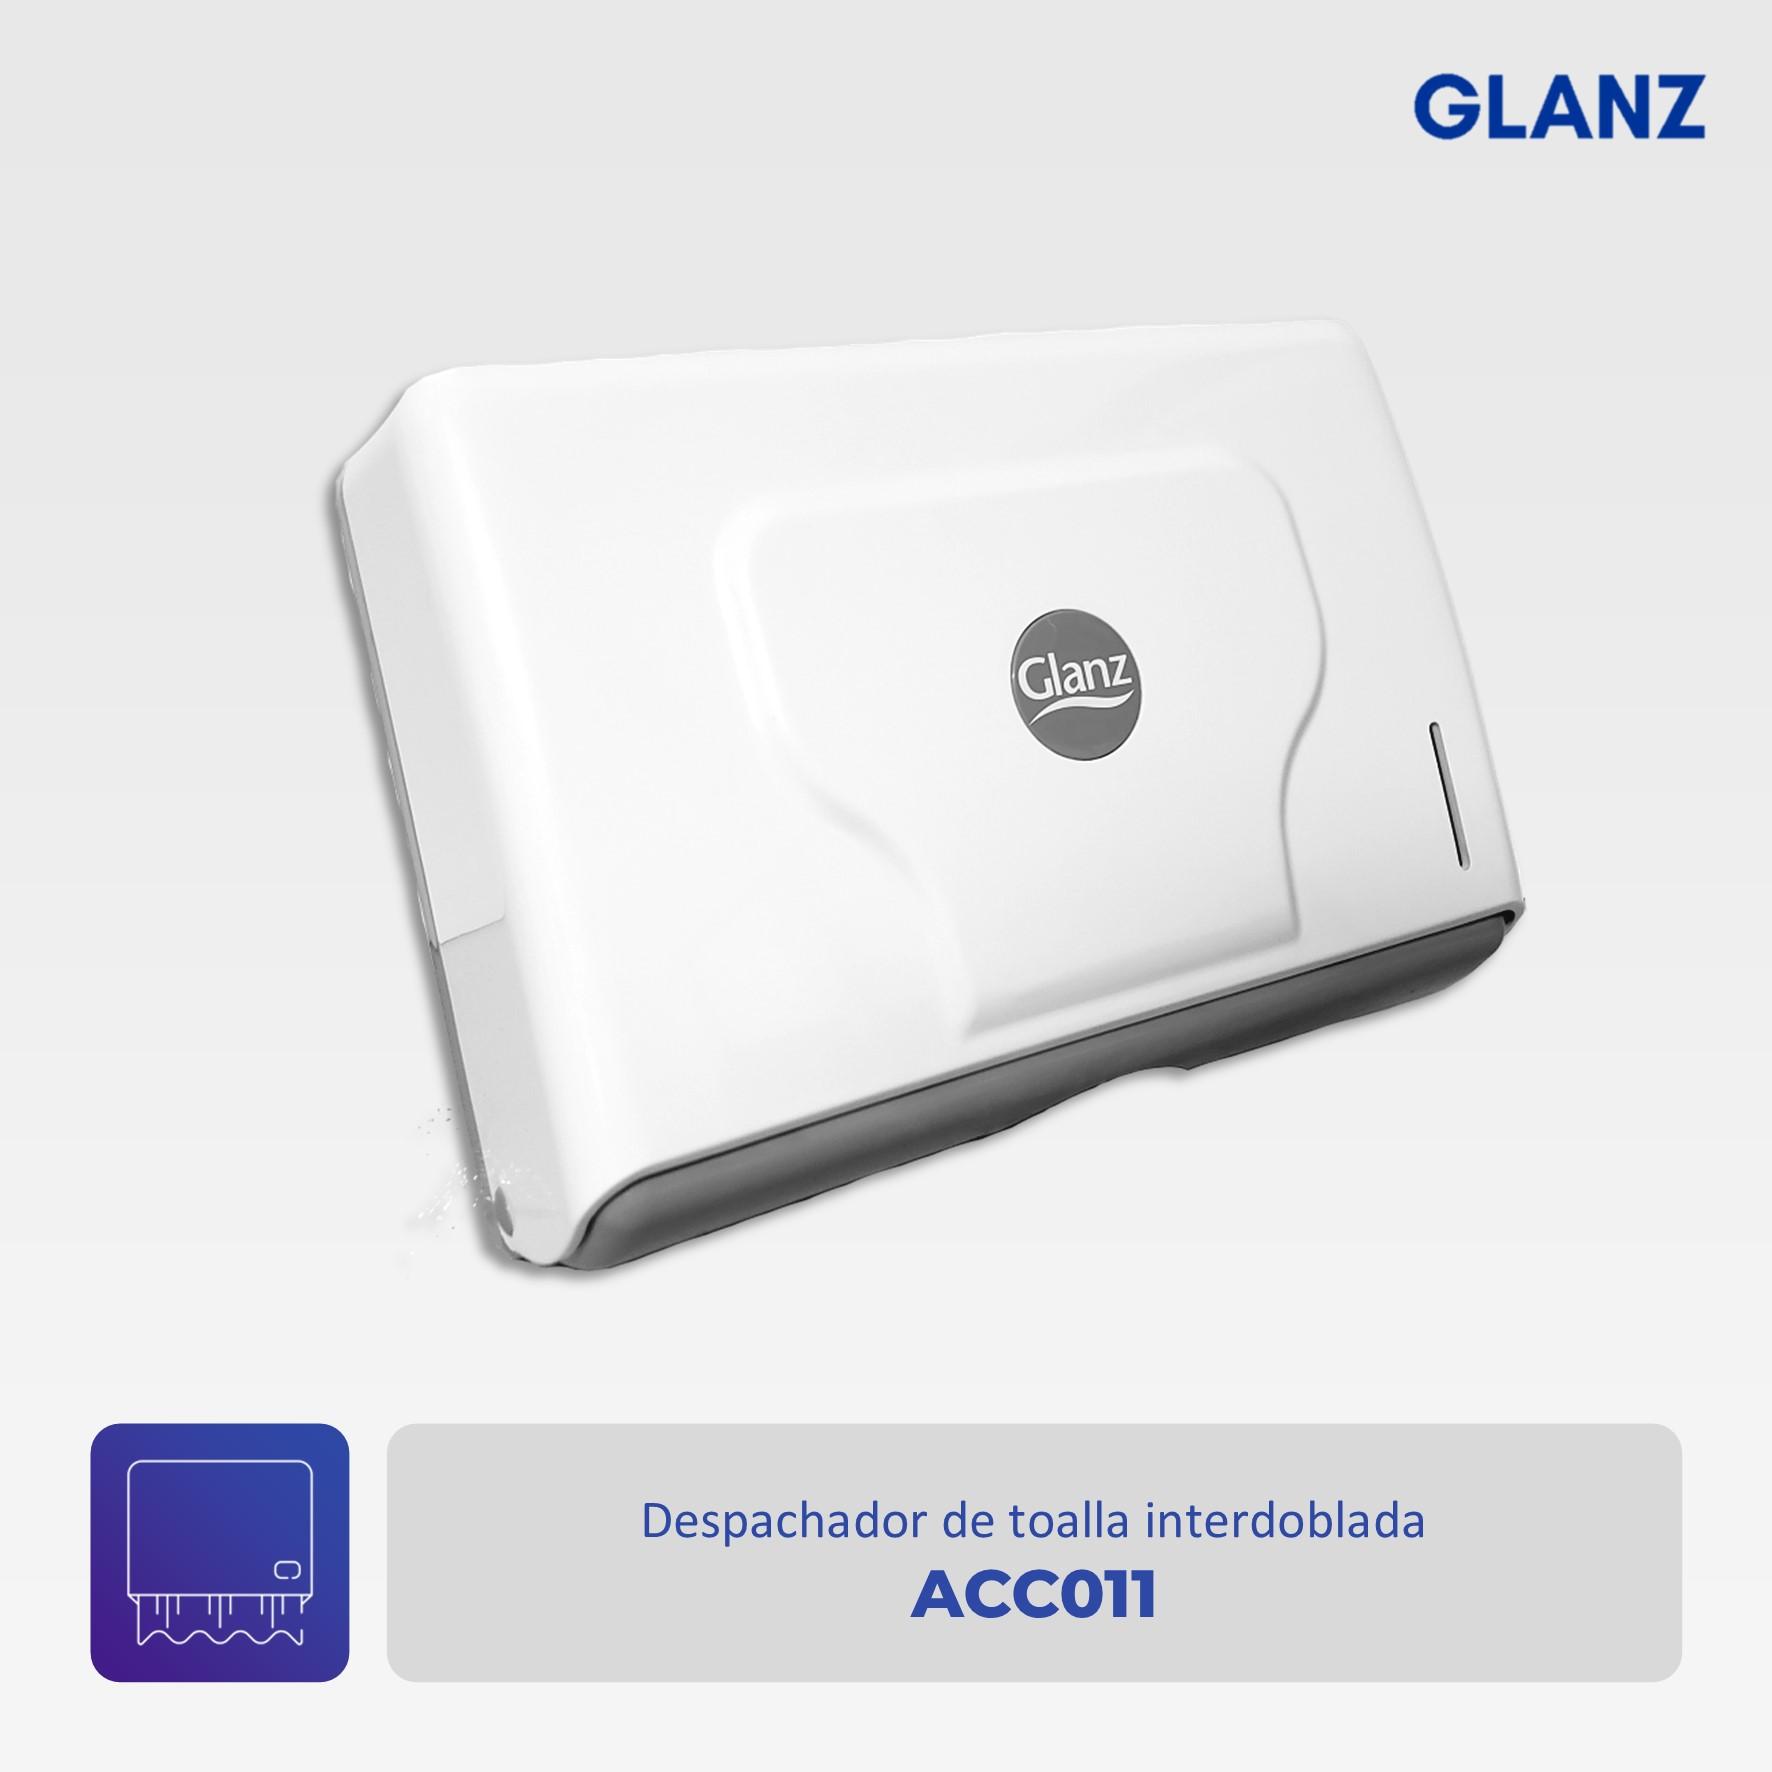 glanz acc011